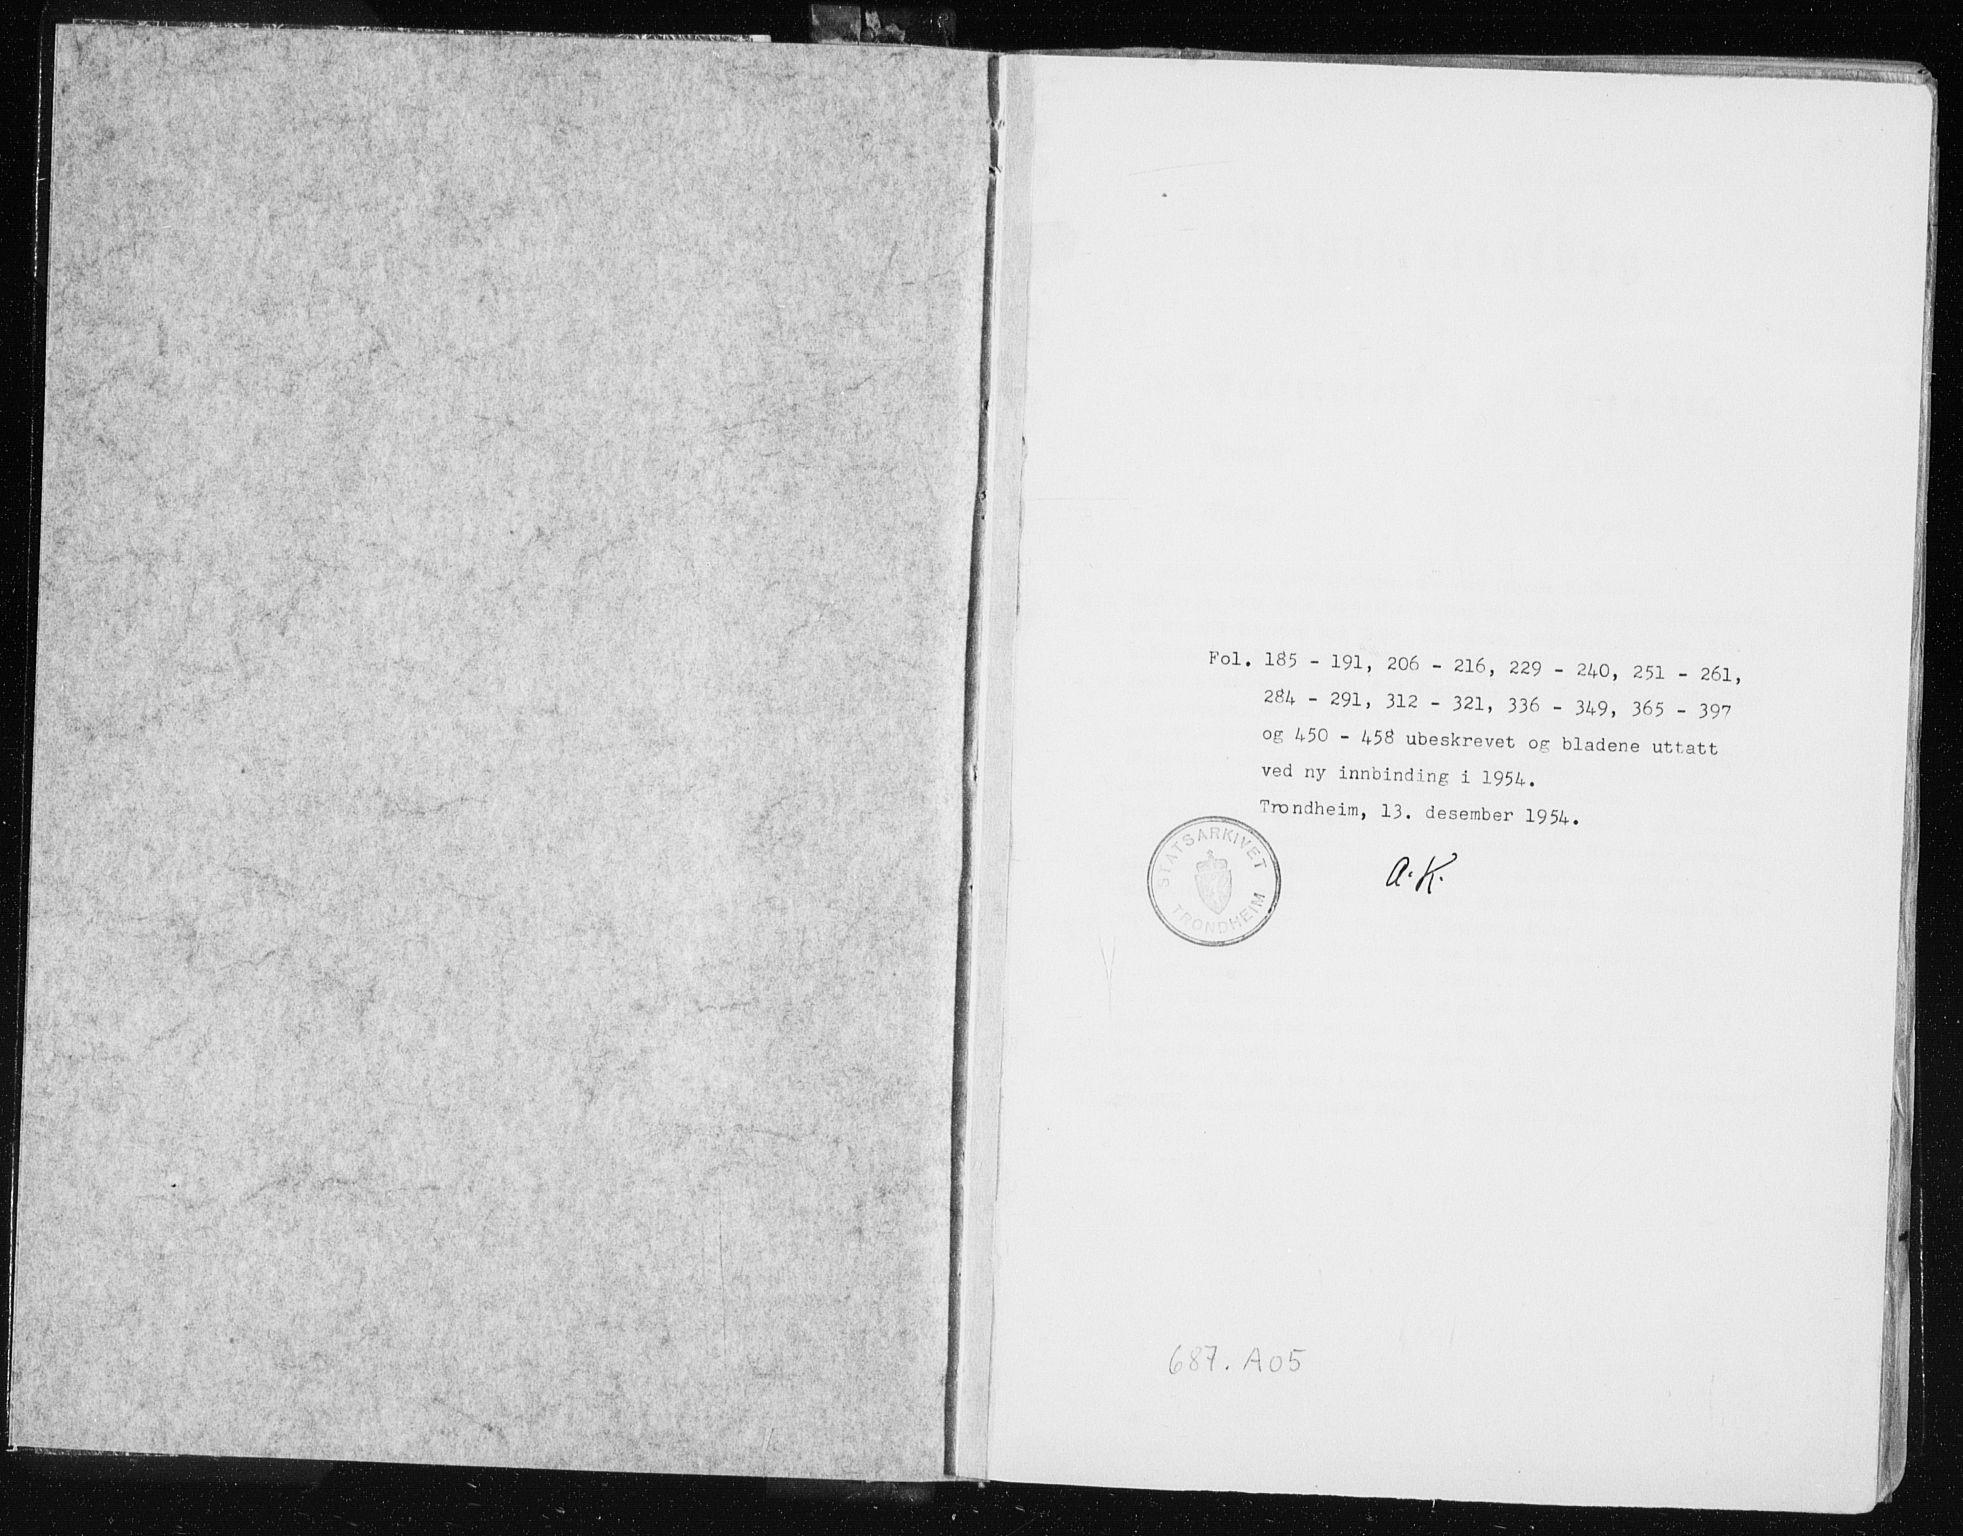 SAT, Ministerialprotokoller, klokkerbøker og fødselsregistre - Sør-Trøndelag, 687/L0998: Ministerialbok nr. 687A05 /2, 1843-1849